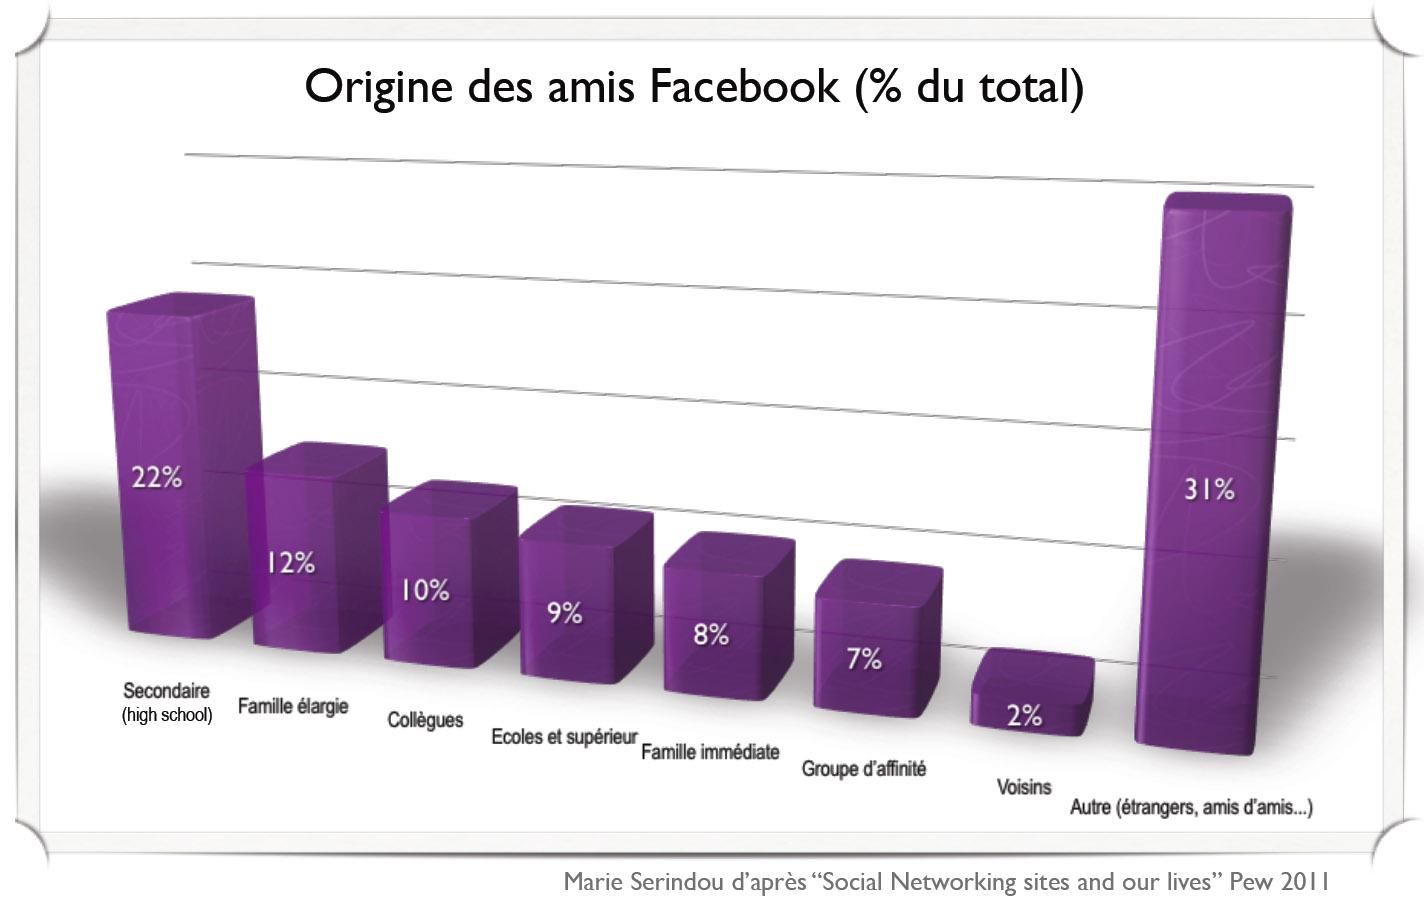 Origine des amis Facebook